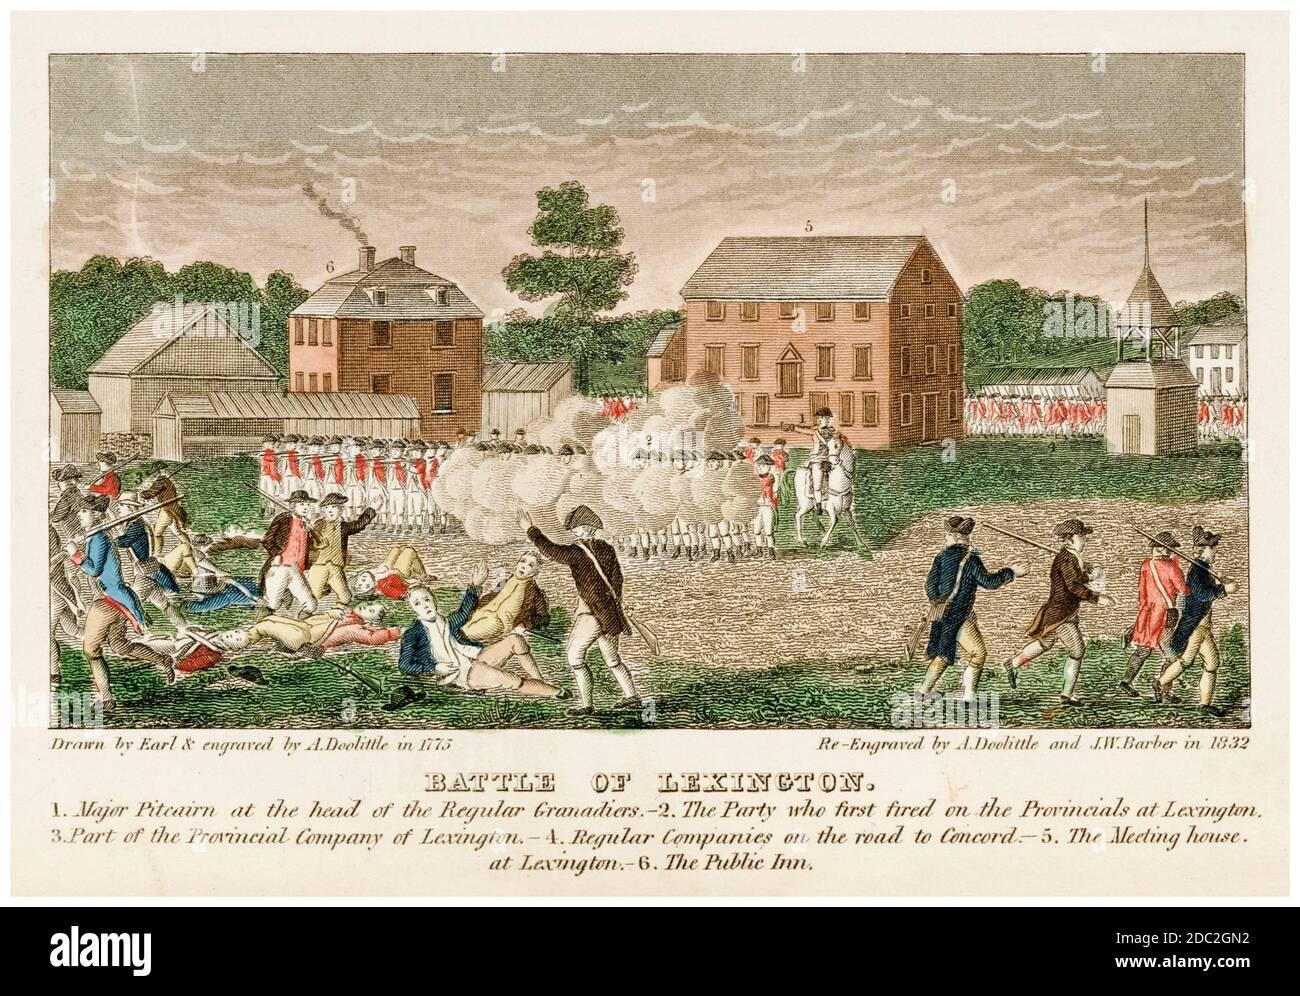 La batalla de Lexington, 19 de abril de 1775, una de las primeras batallas en la Guerra de Independencia Americana, impreso por John Warner Barber, 1831 y 1846 Foto de stock